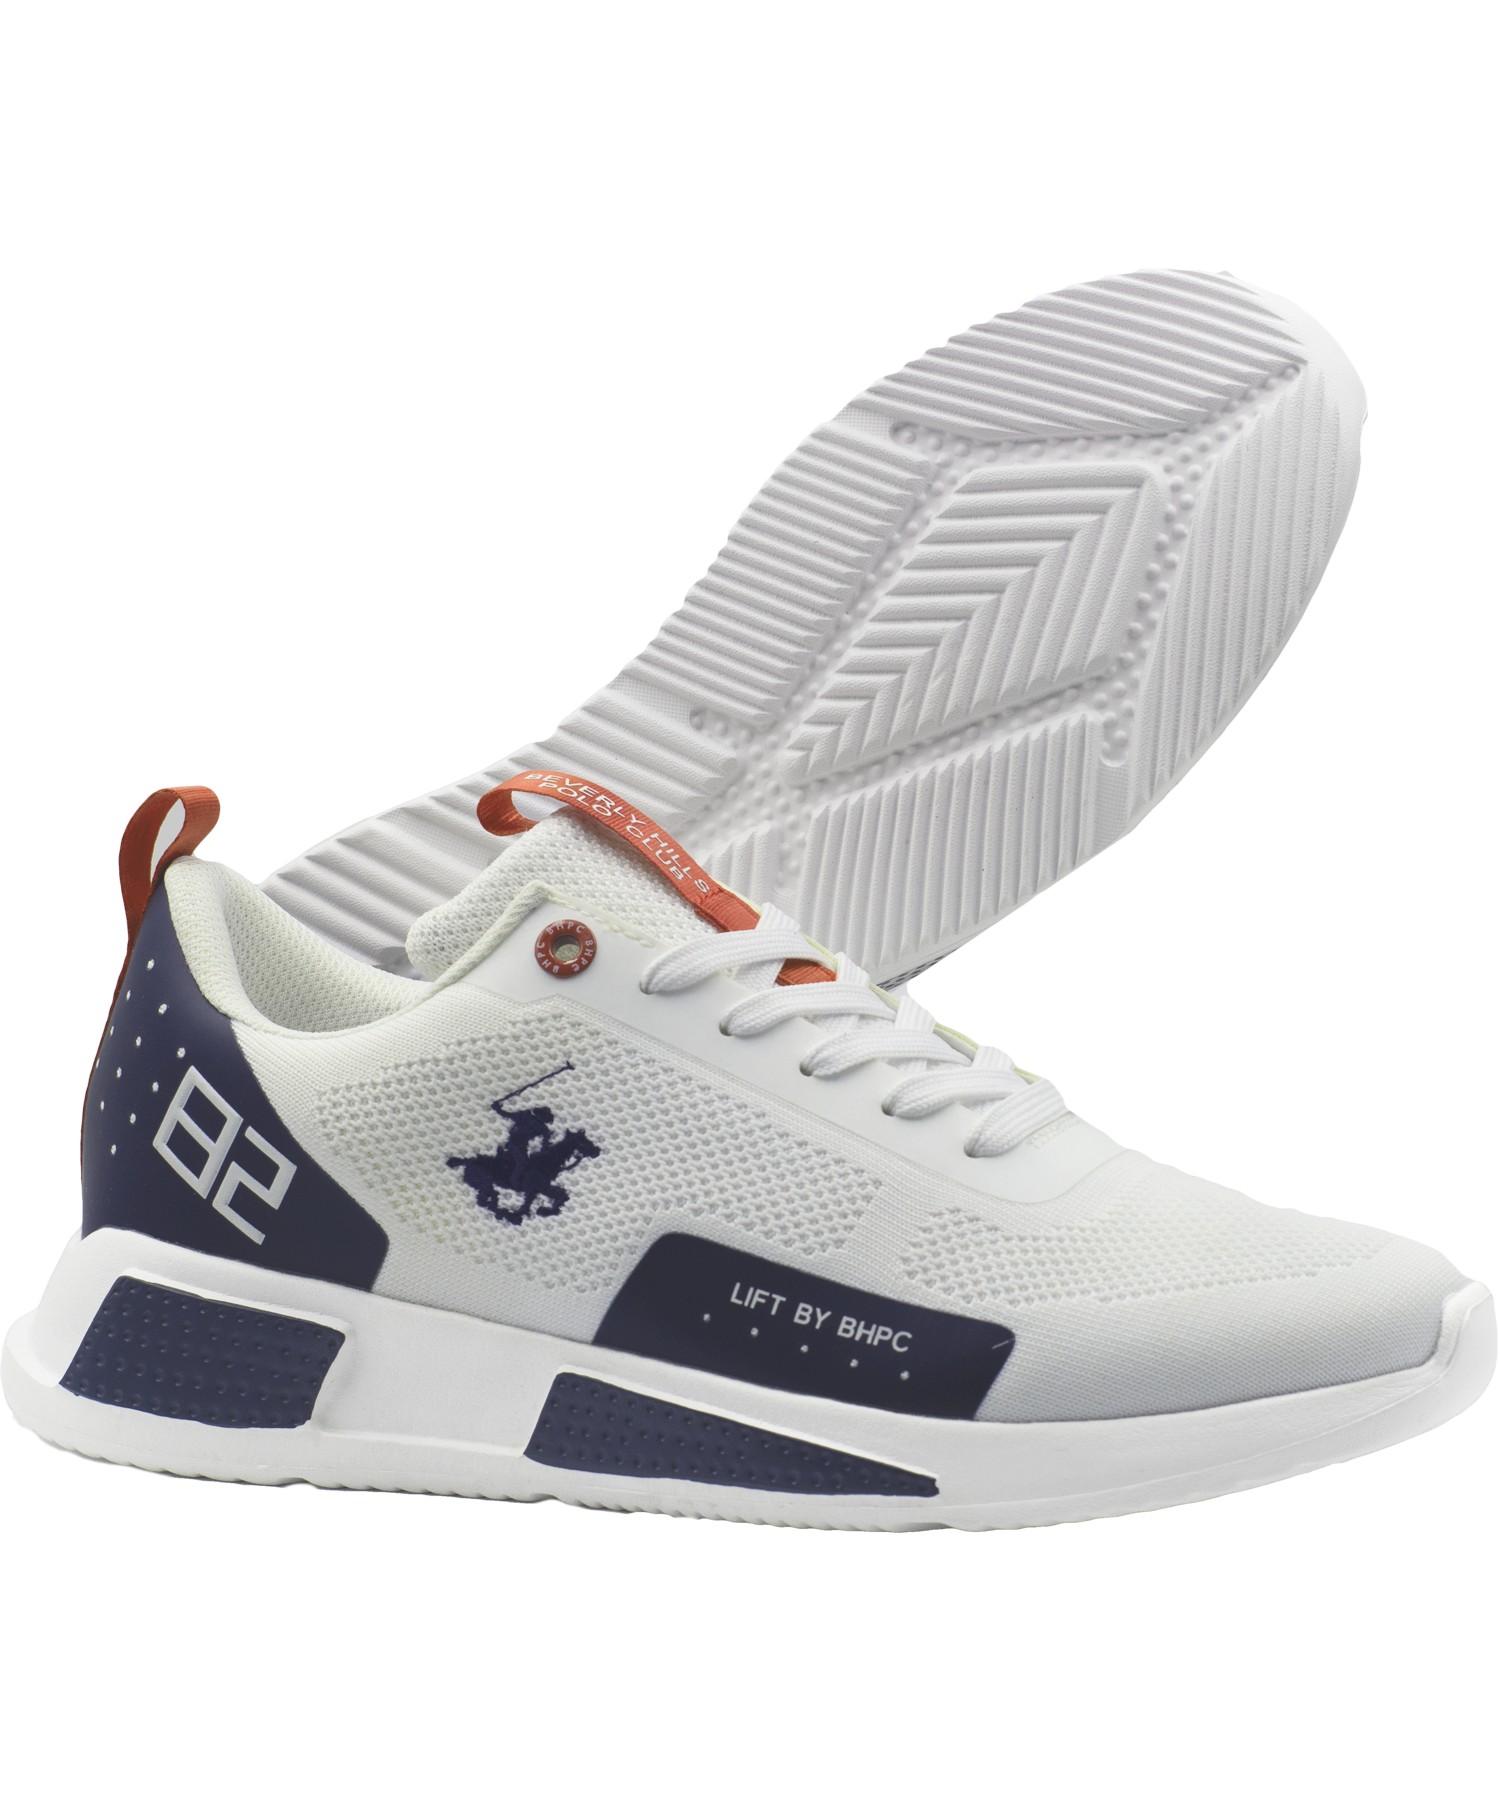 Zapatillas de Hombre Bhpc Lift Blanco-Azul